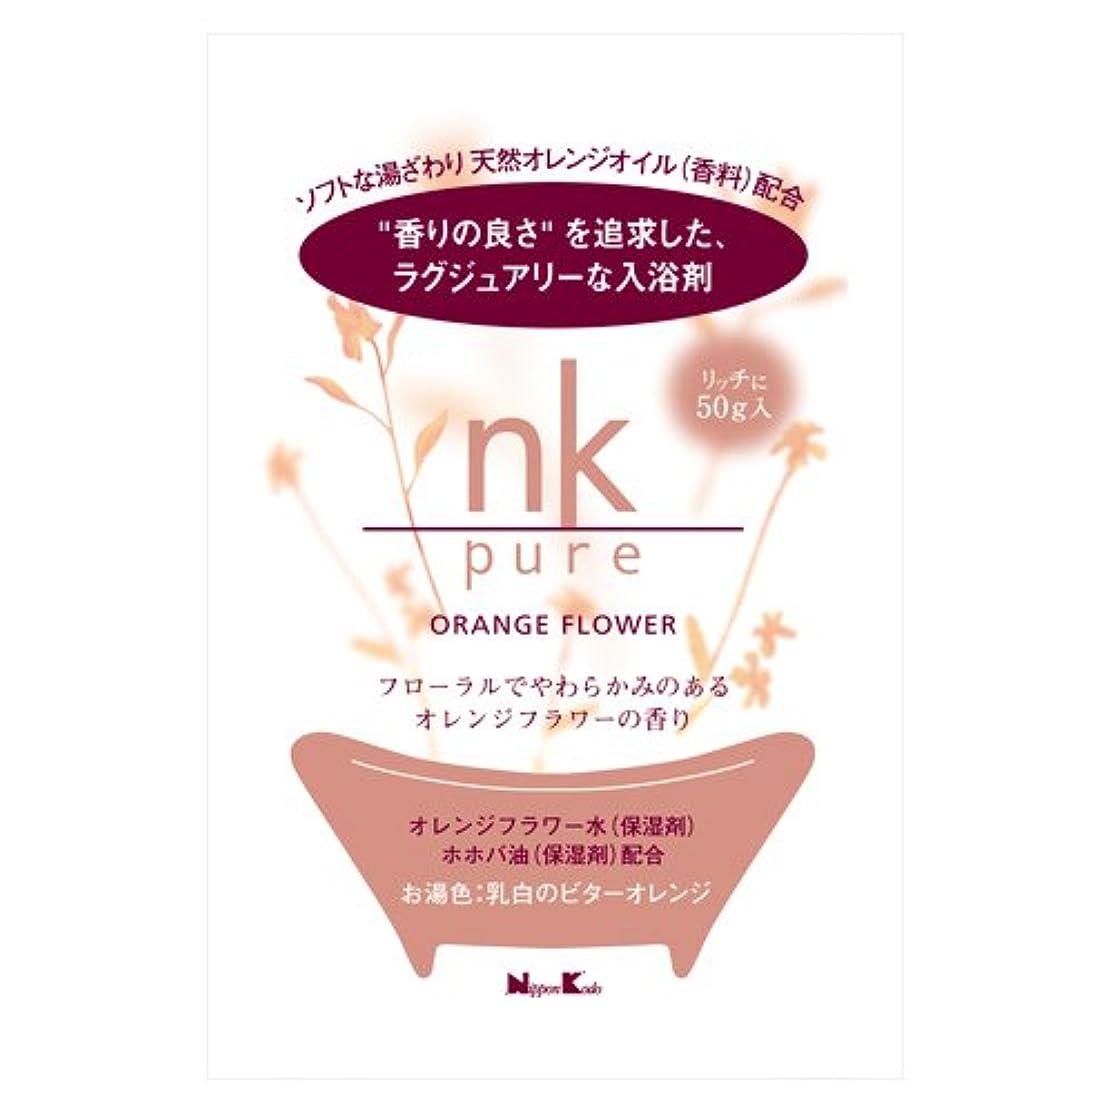 花慢性的ユーザー【X10個セット】 nk pure 入浴剤 オレンジフラワー 50g